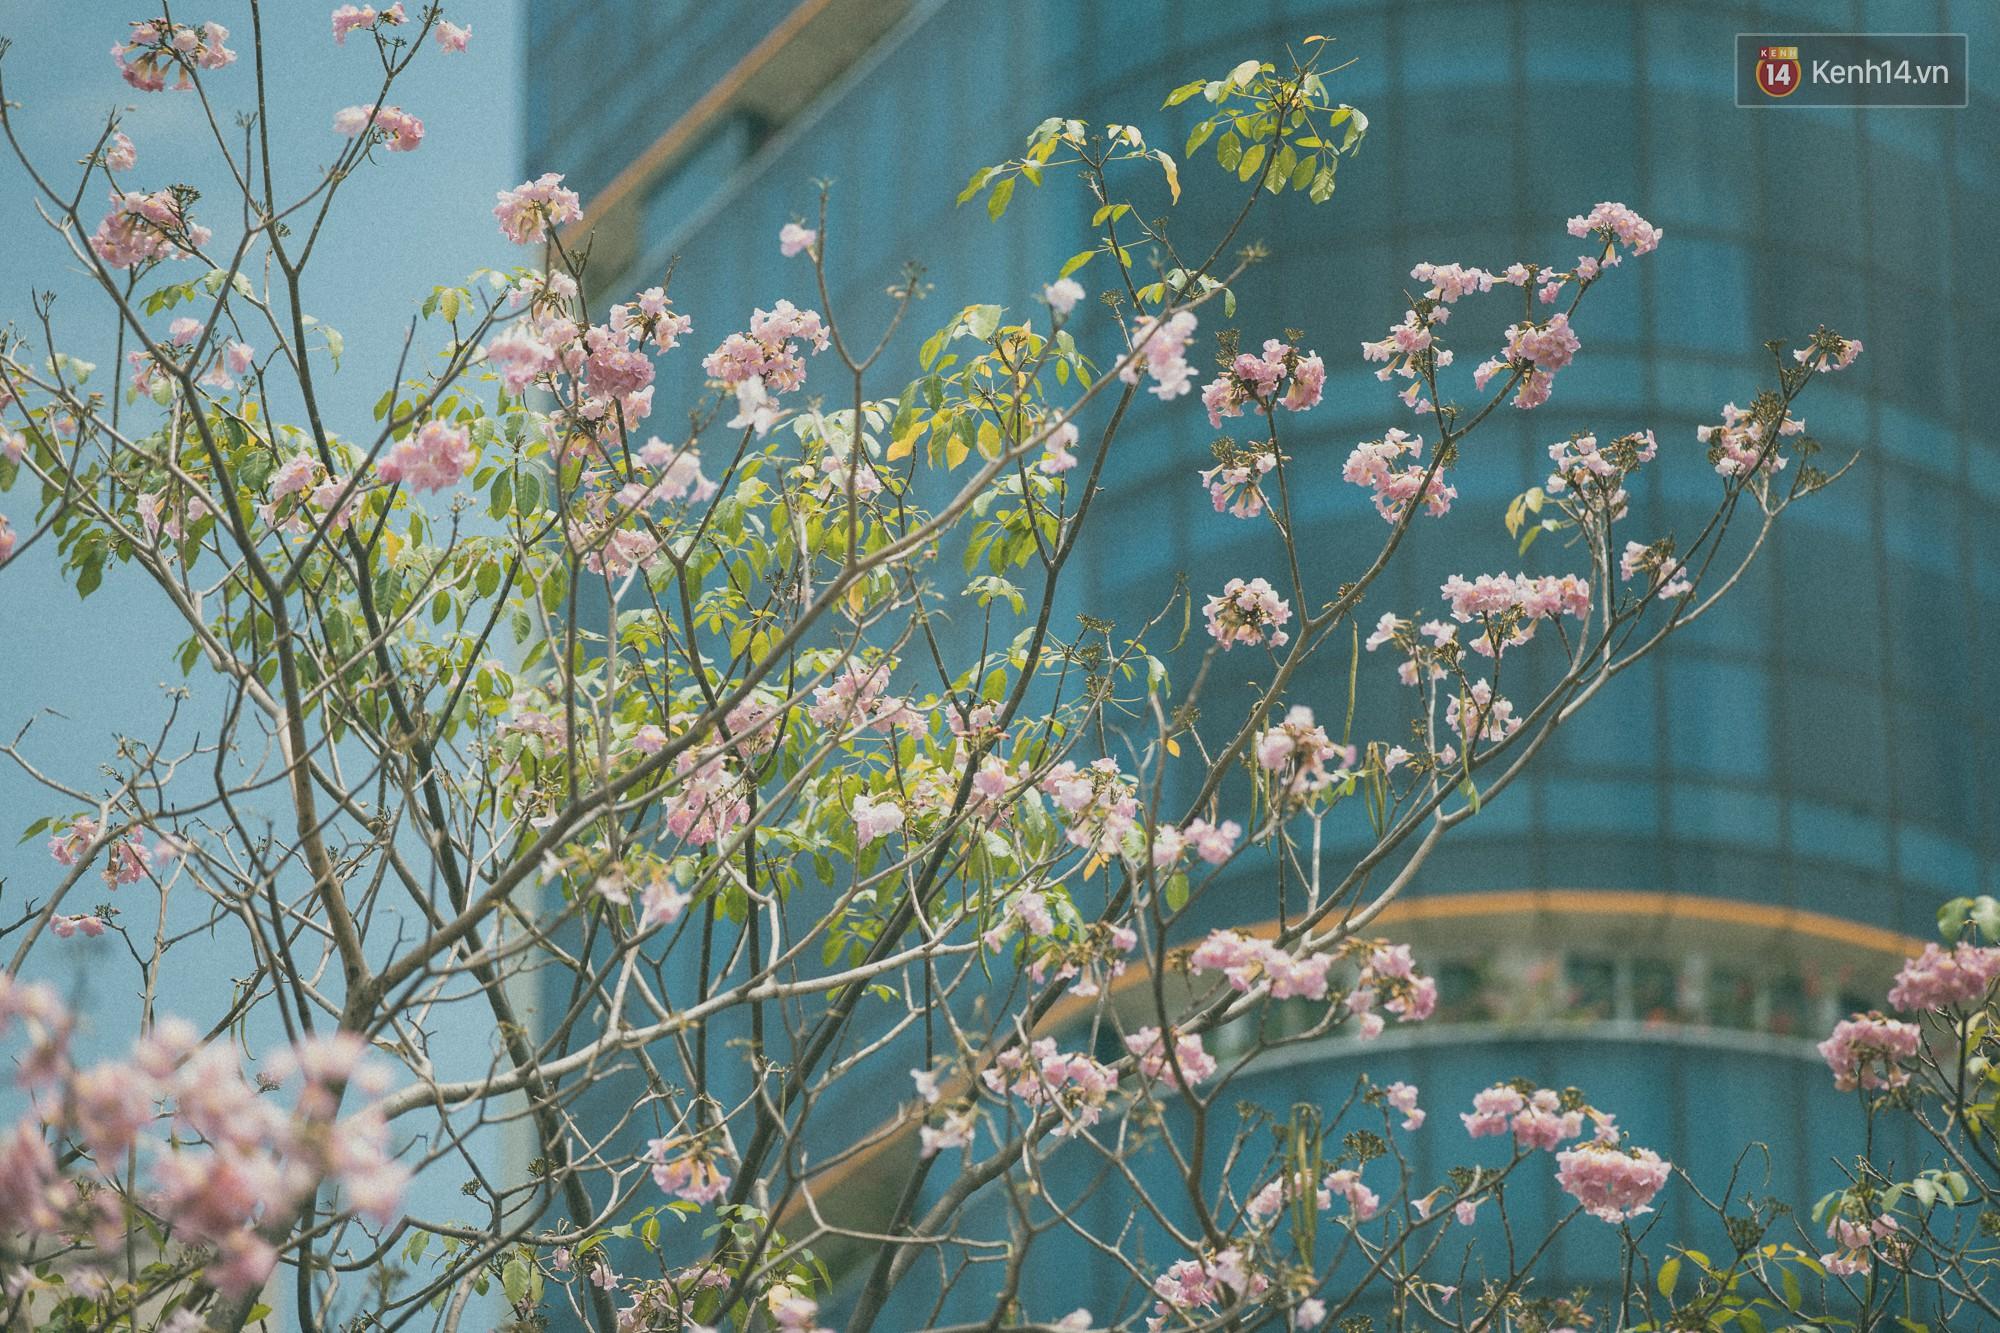 Sài Gòn mùa hoa kèn hồng: dịu dàng và dễ thương đến lạ! - Ảnh 14.